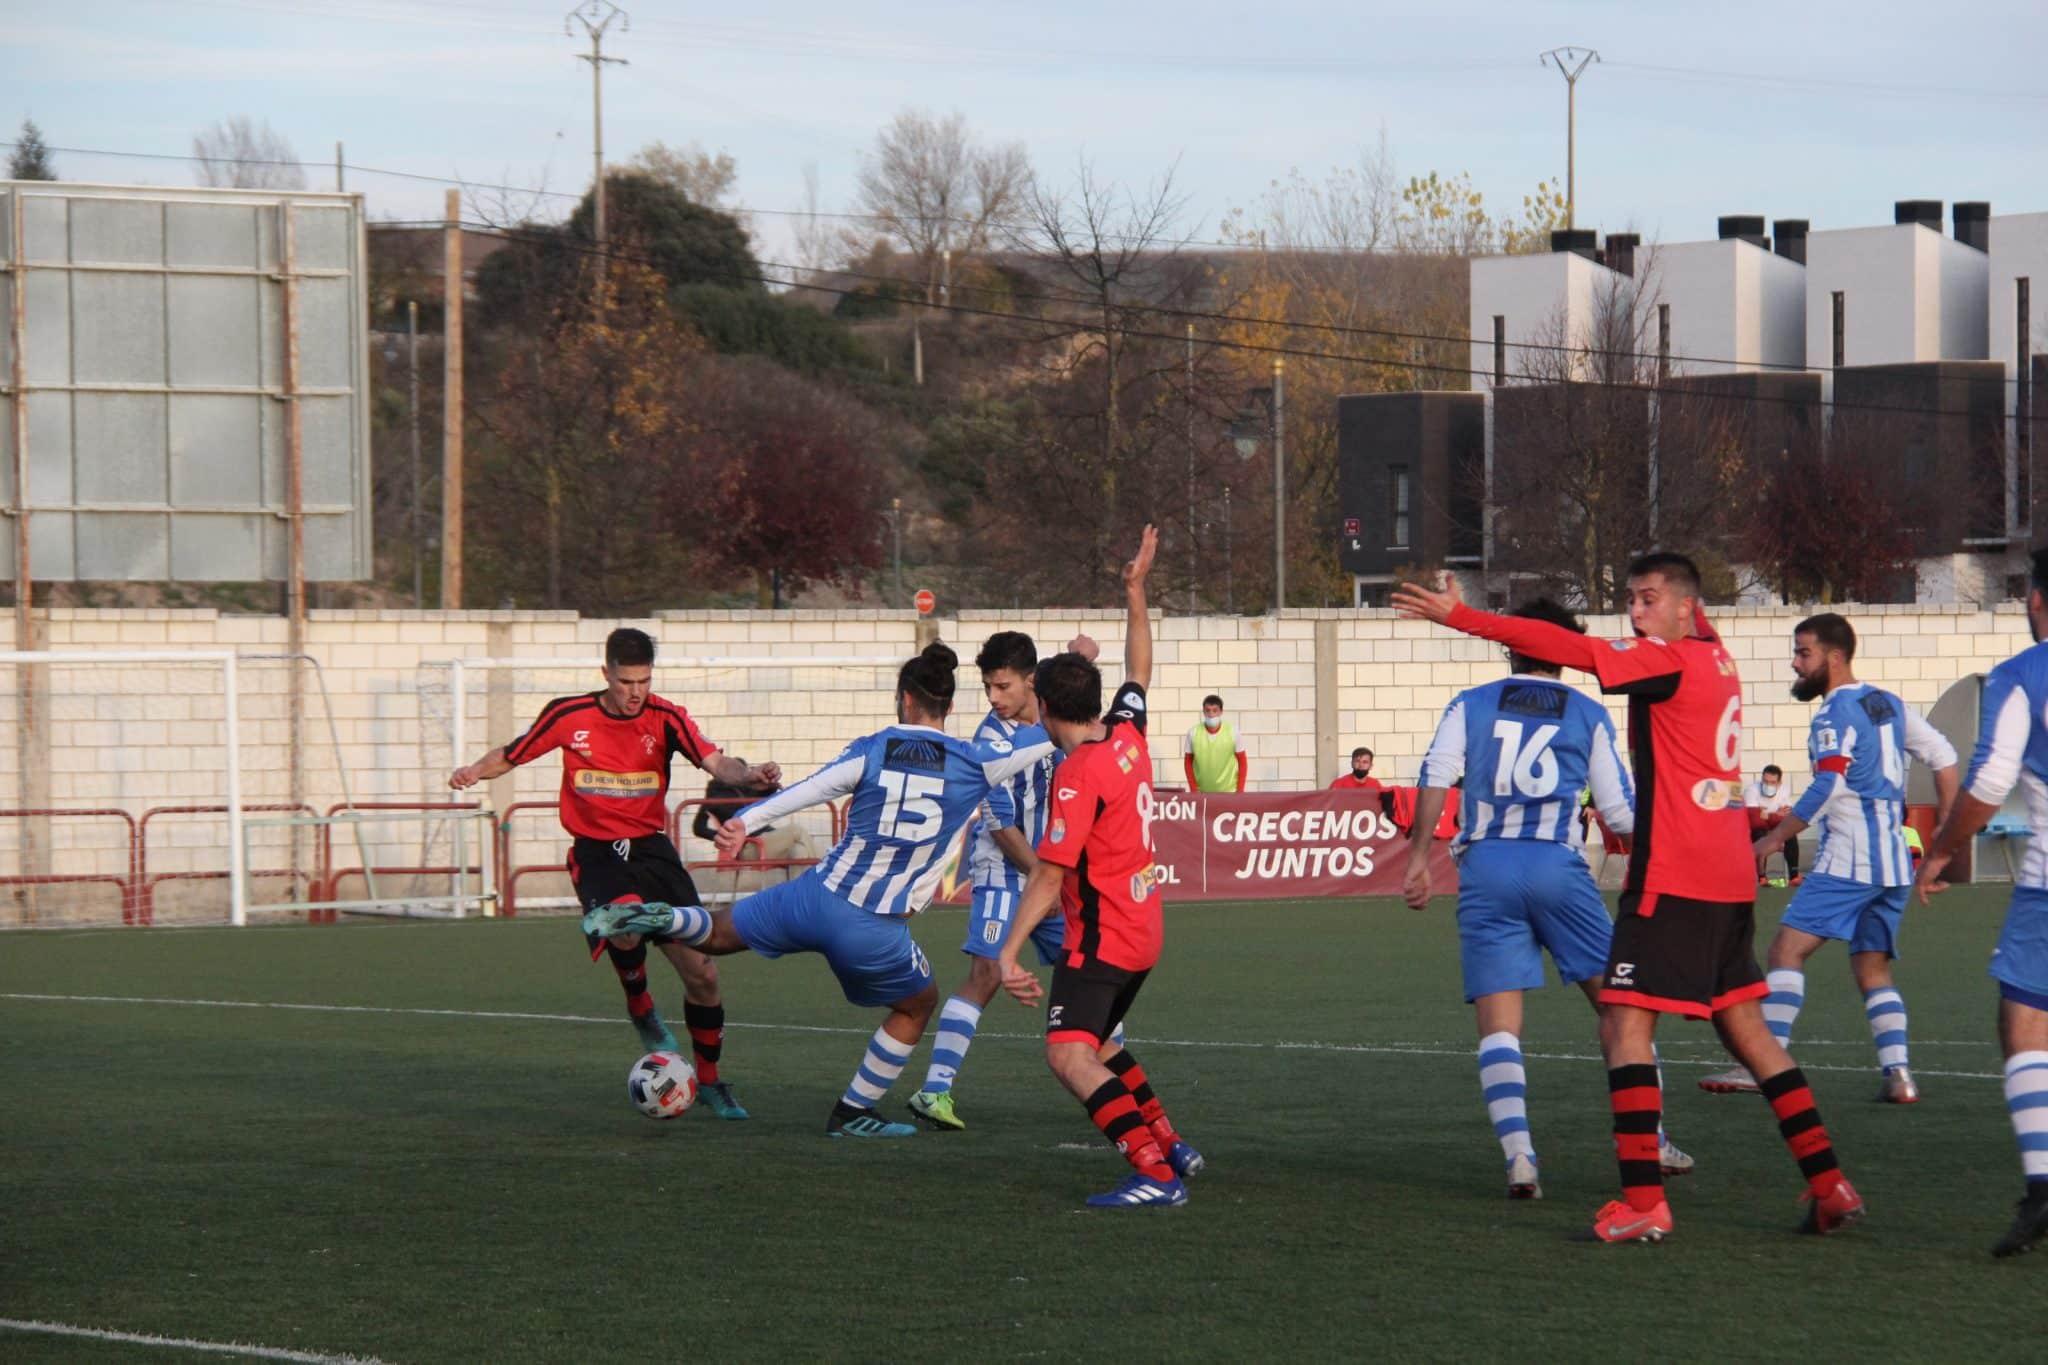 Javi Pérez debuta con una derrota en la portería de La Calzada 2